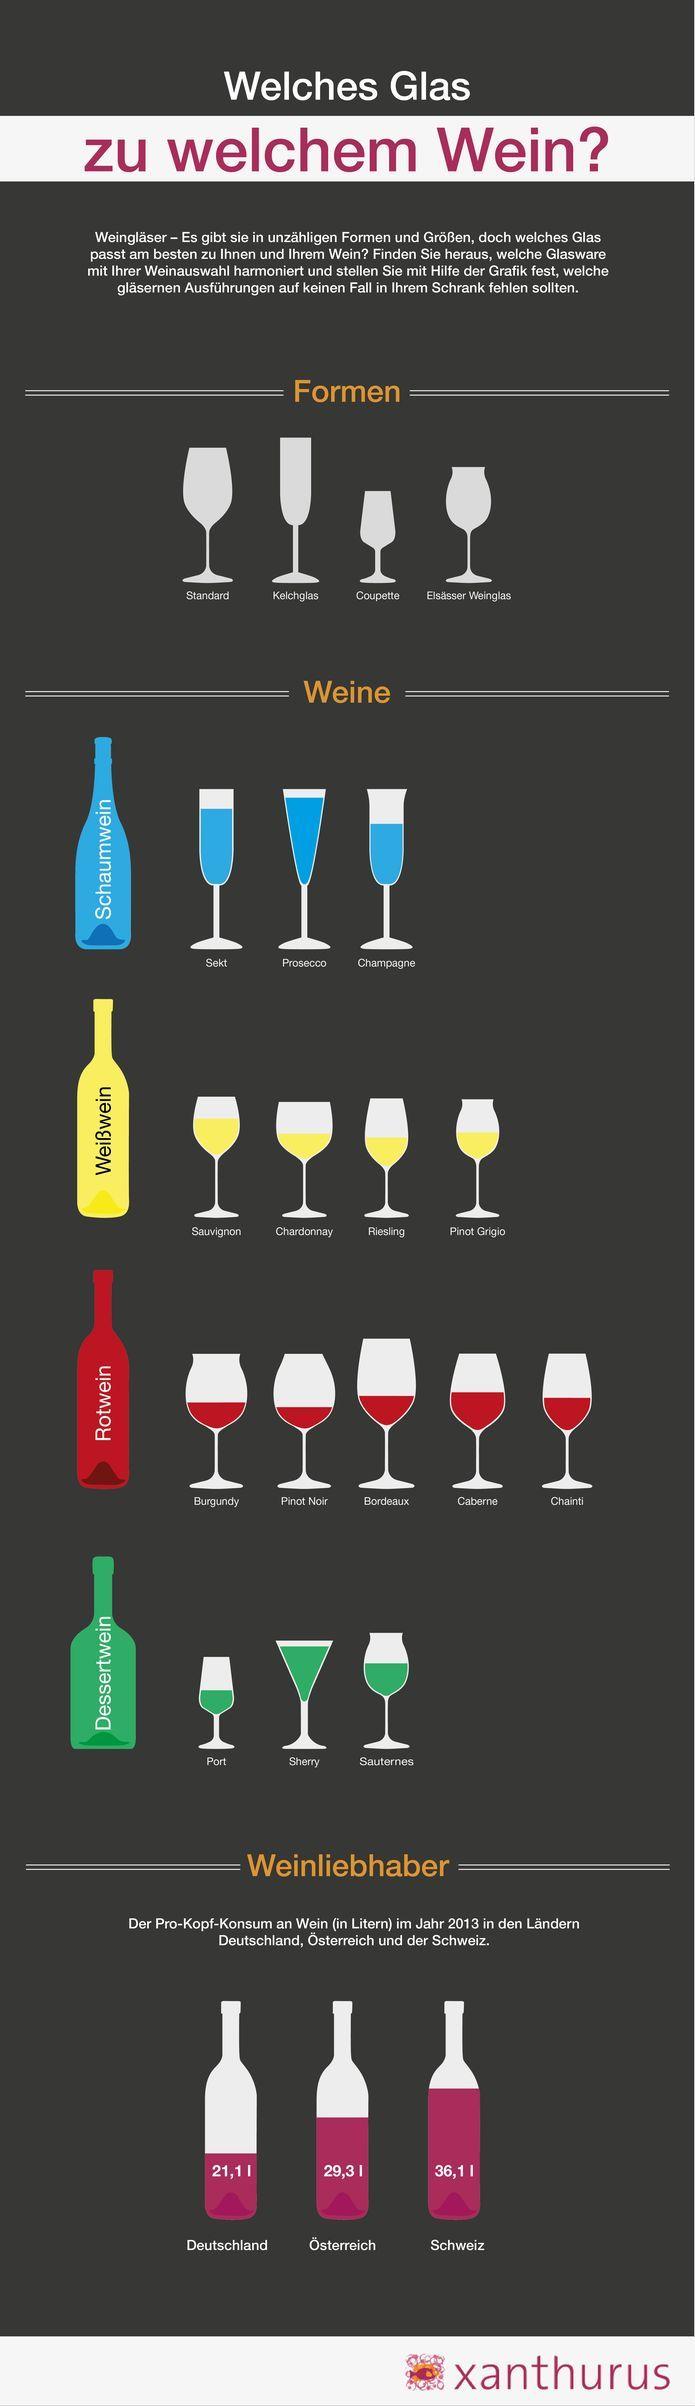 Für alle, die sich auch schon immer gefragt haben, welches #Glas am besten zu welchem #Wein passt. #xanthurus